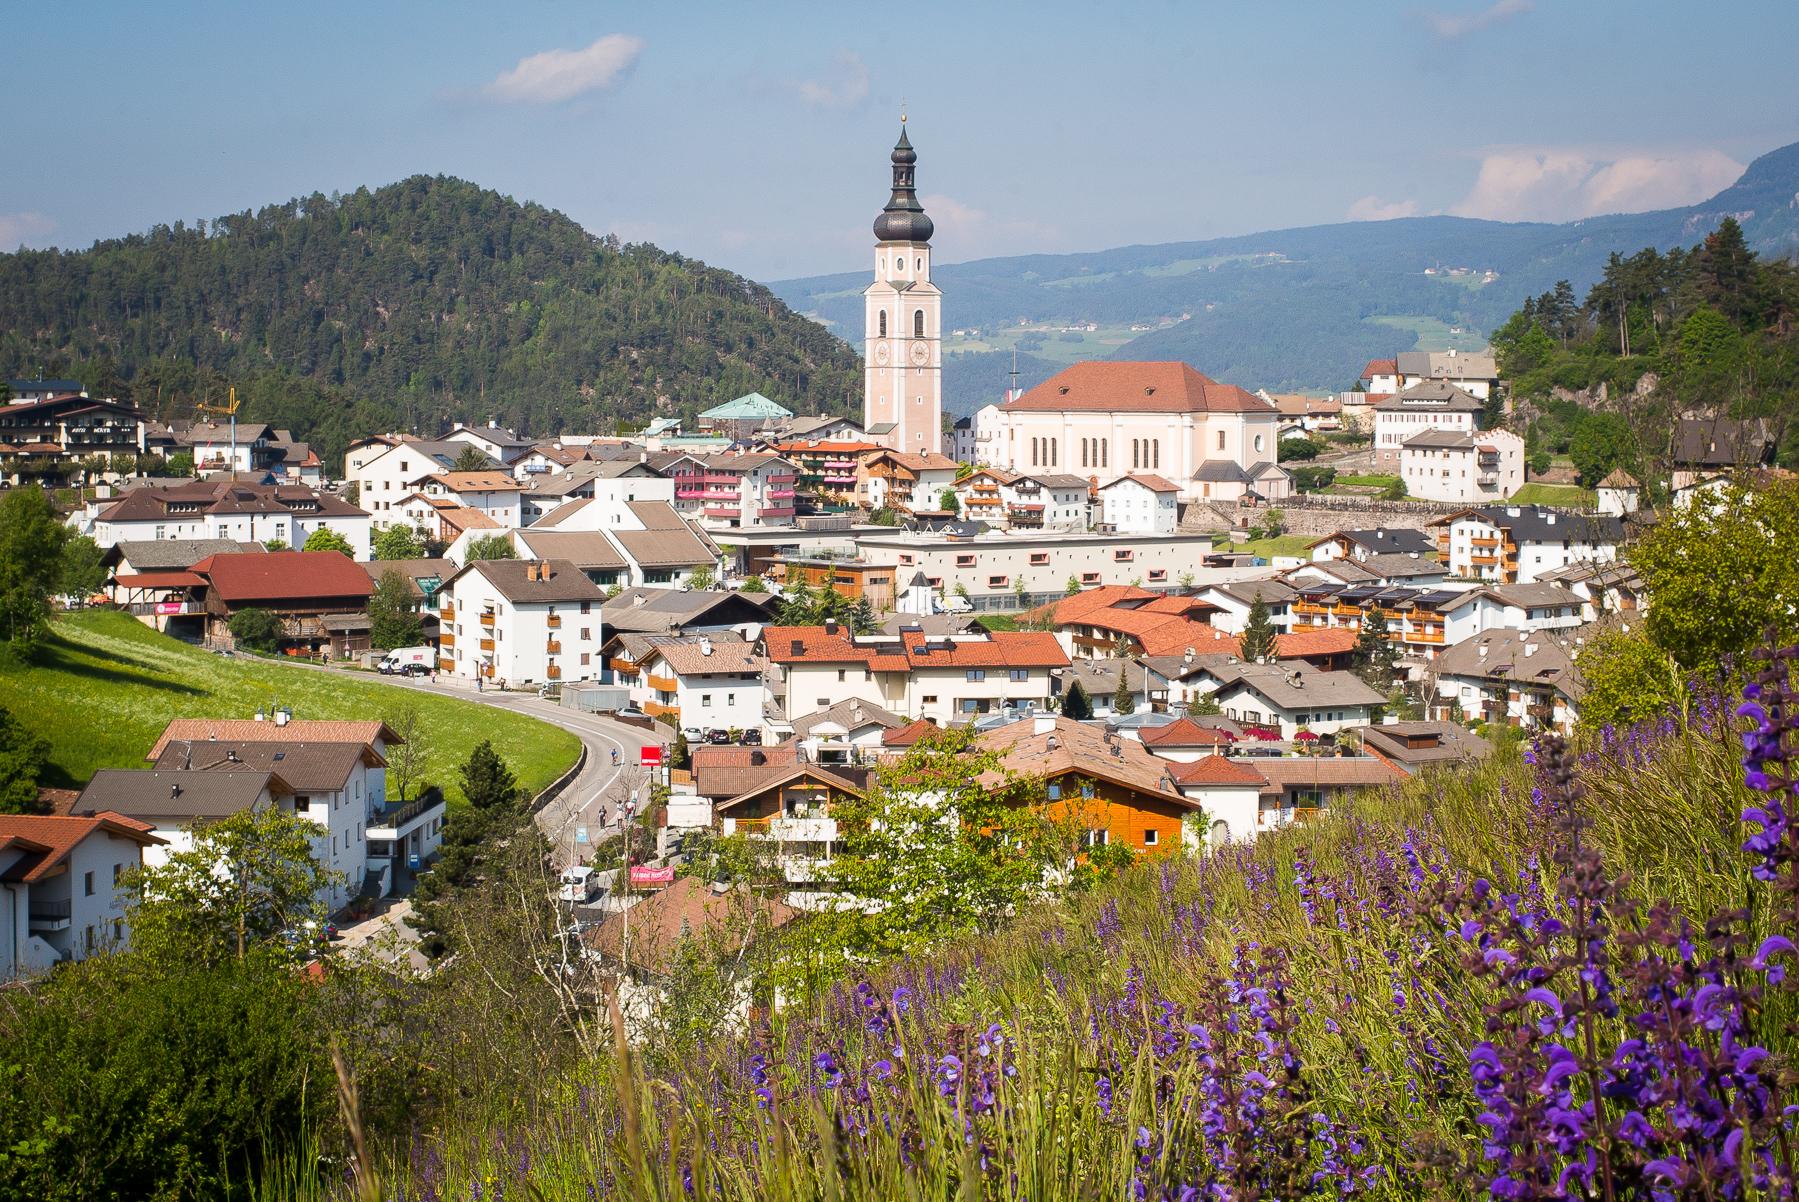 Castelrotto - Alpe di Siusi